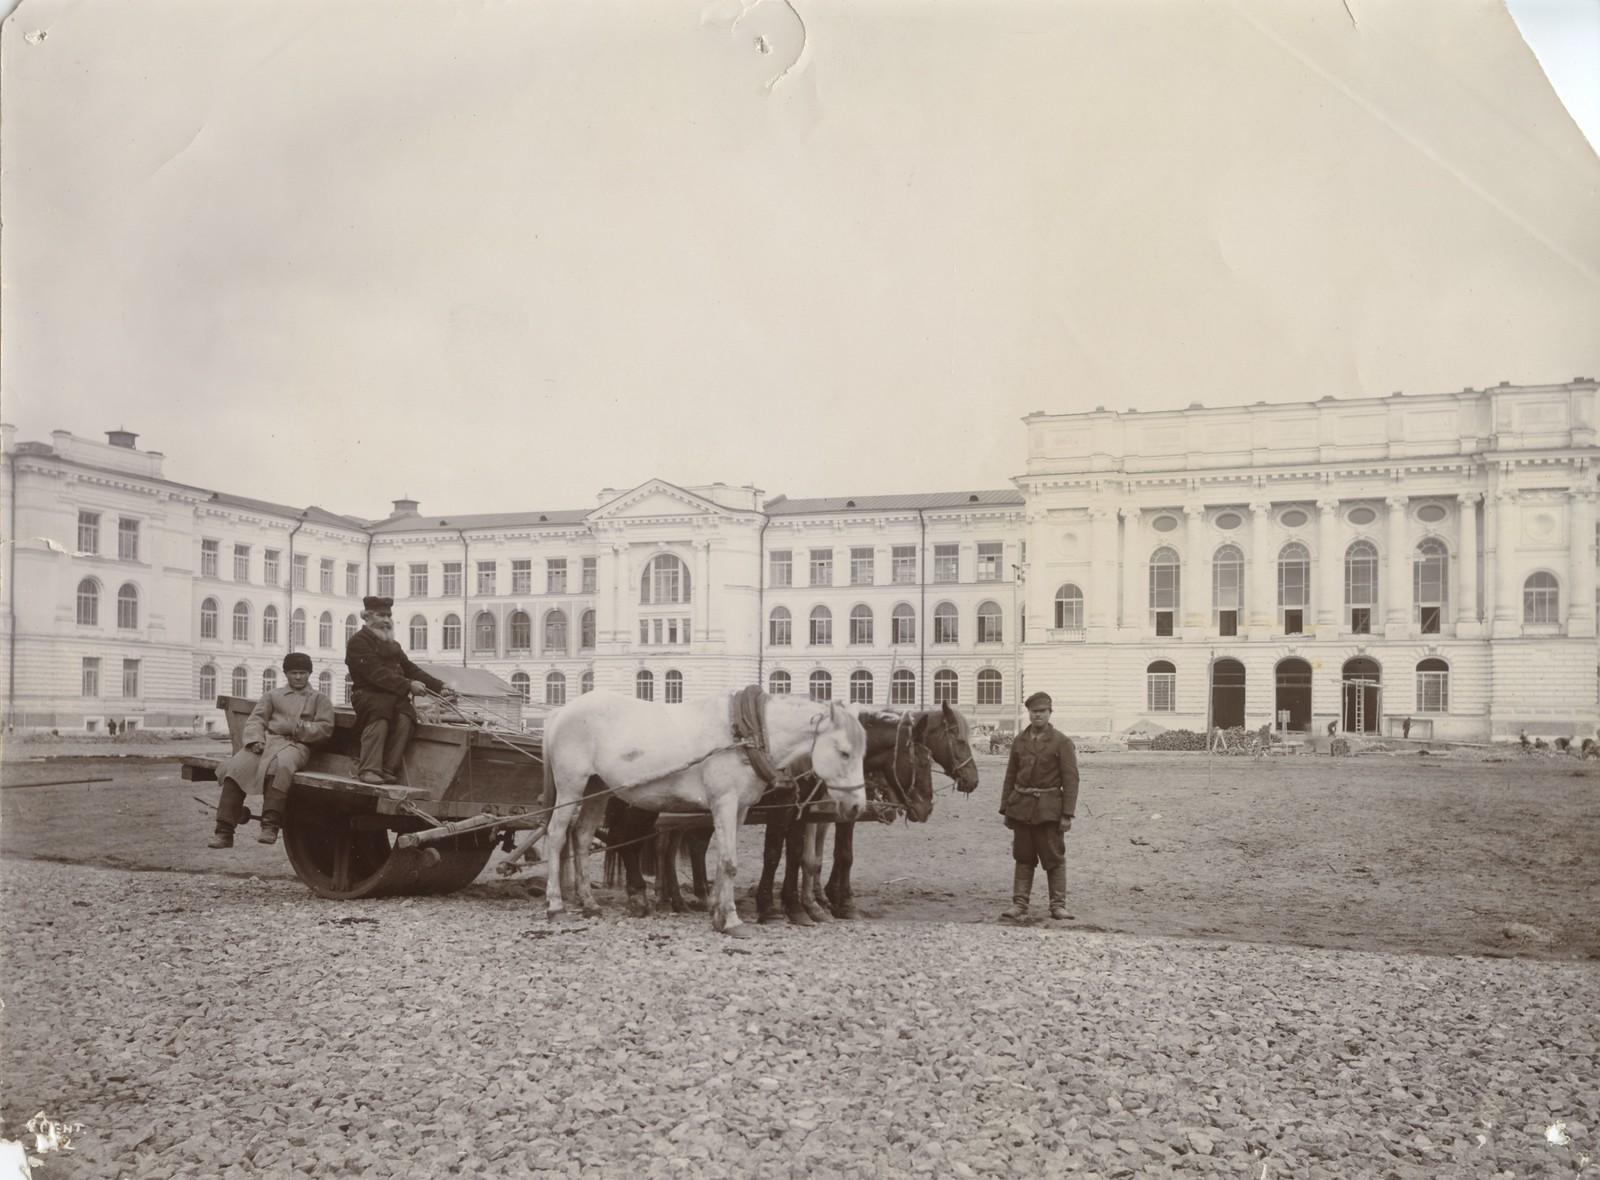 01. 1902. Утрамбовка площади перед главным зданием.